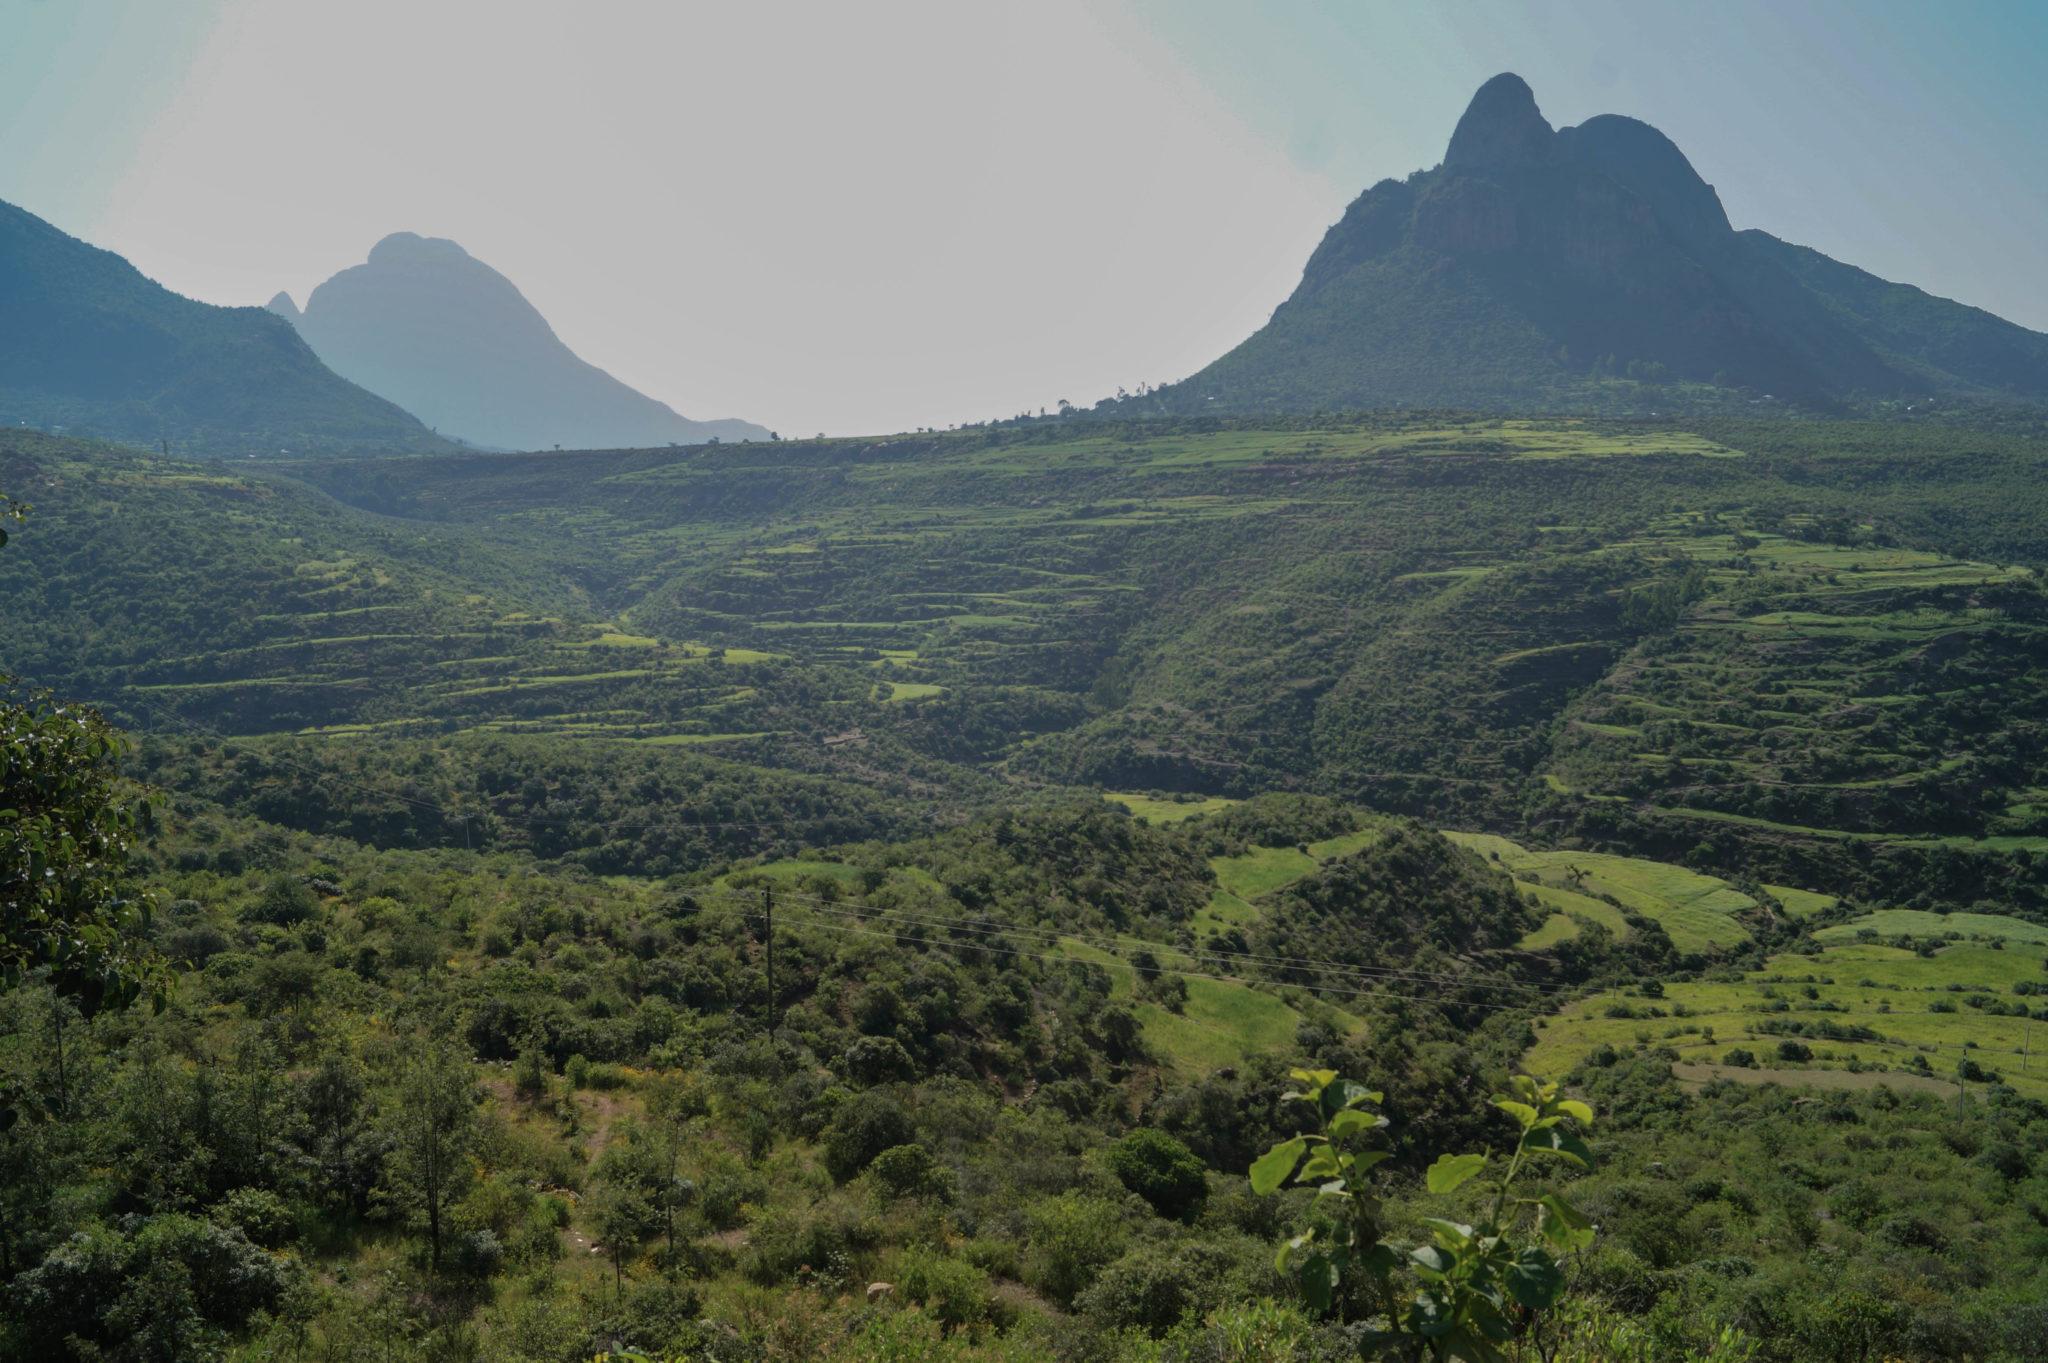 Äthiopien Norden: Das Semiengebirge ist riesig groß und wunderbar grün.